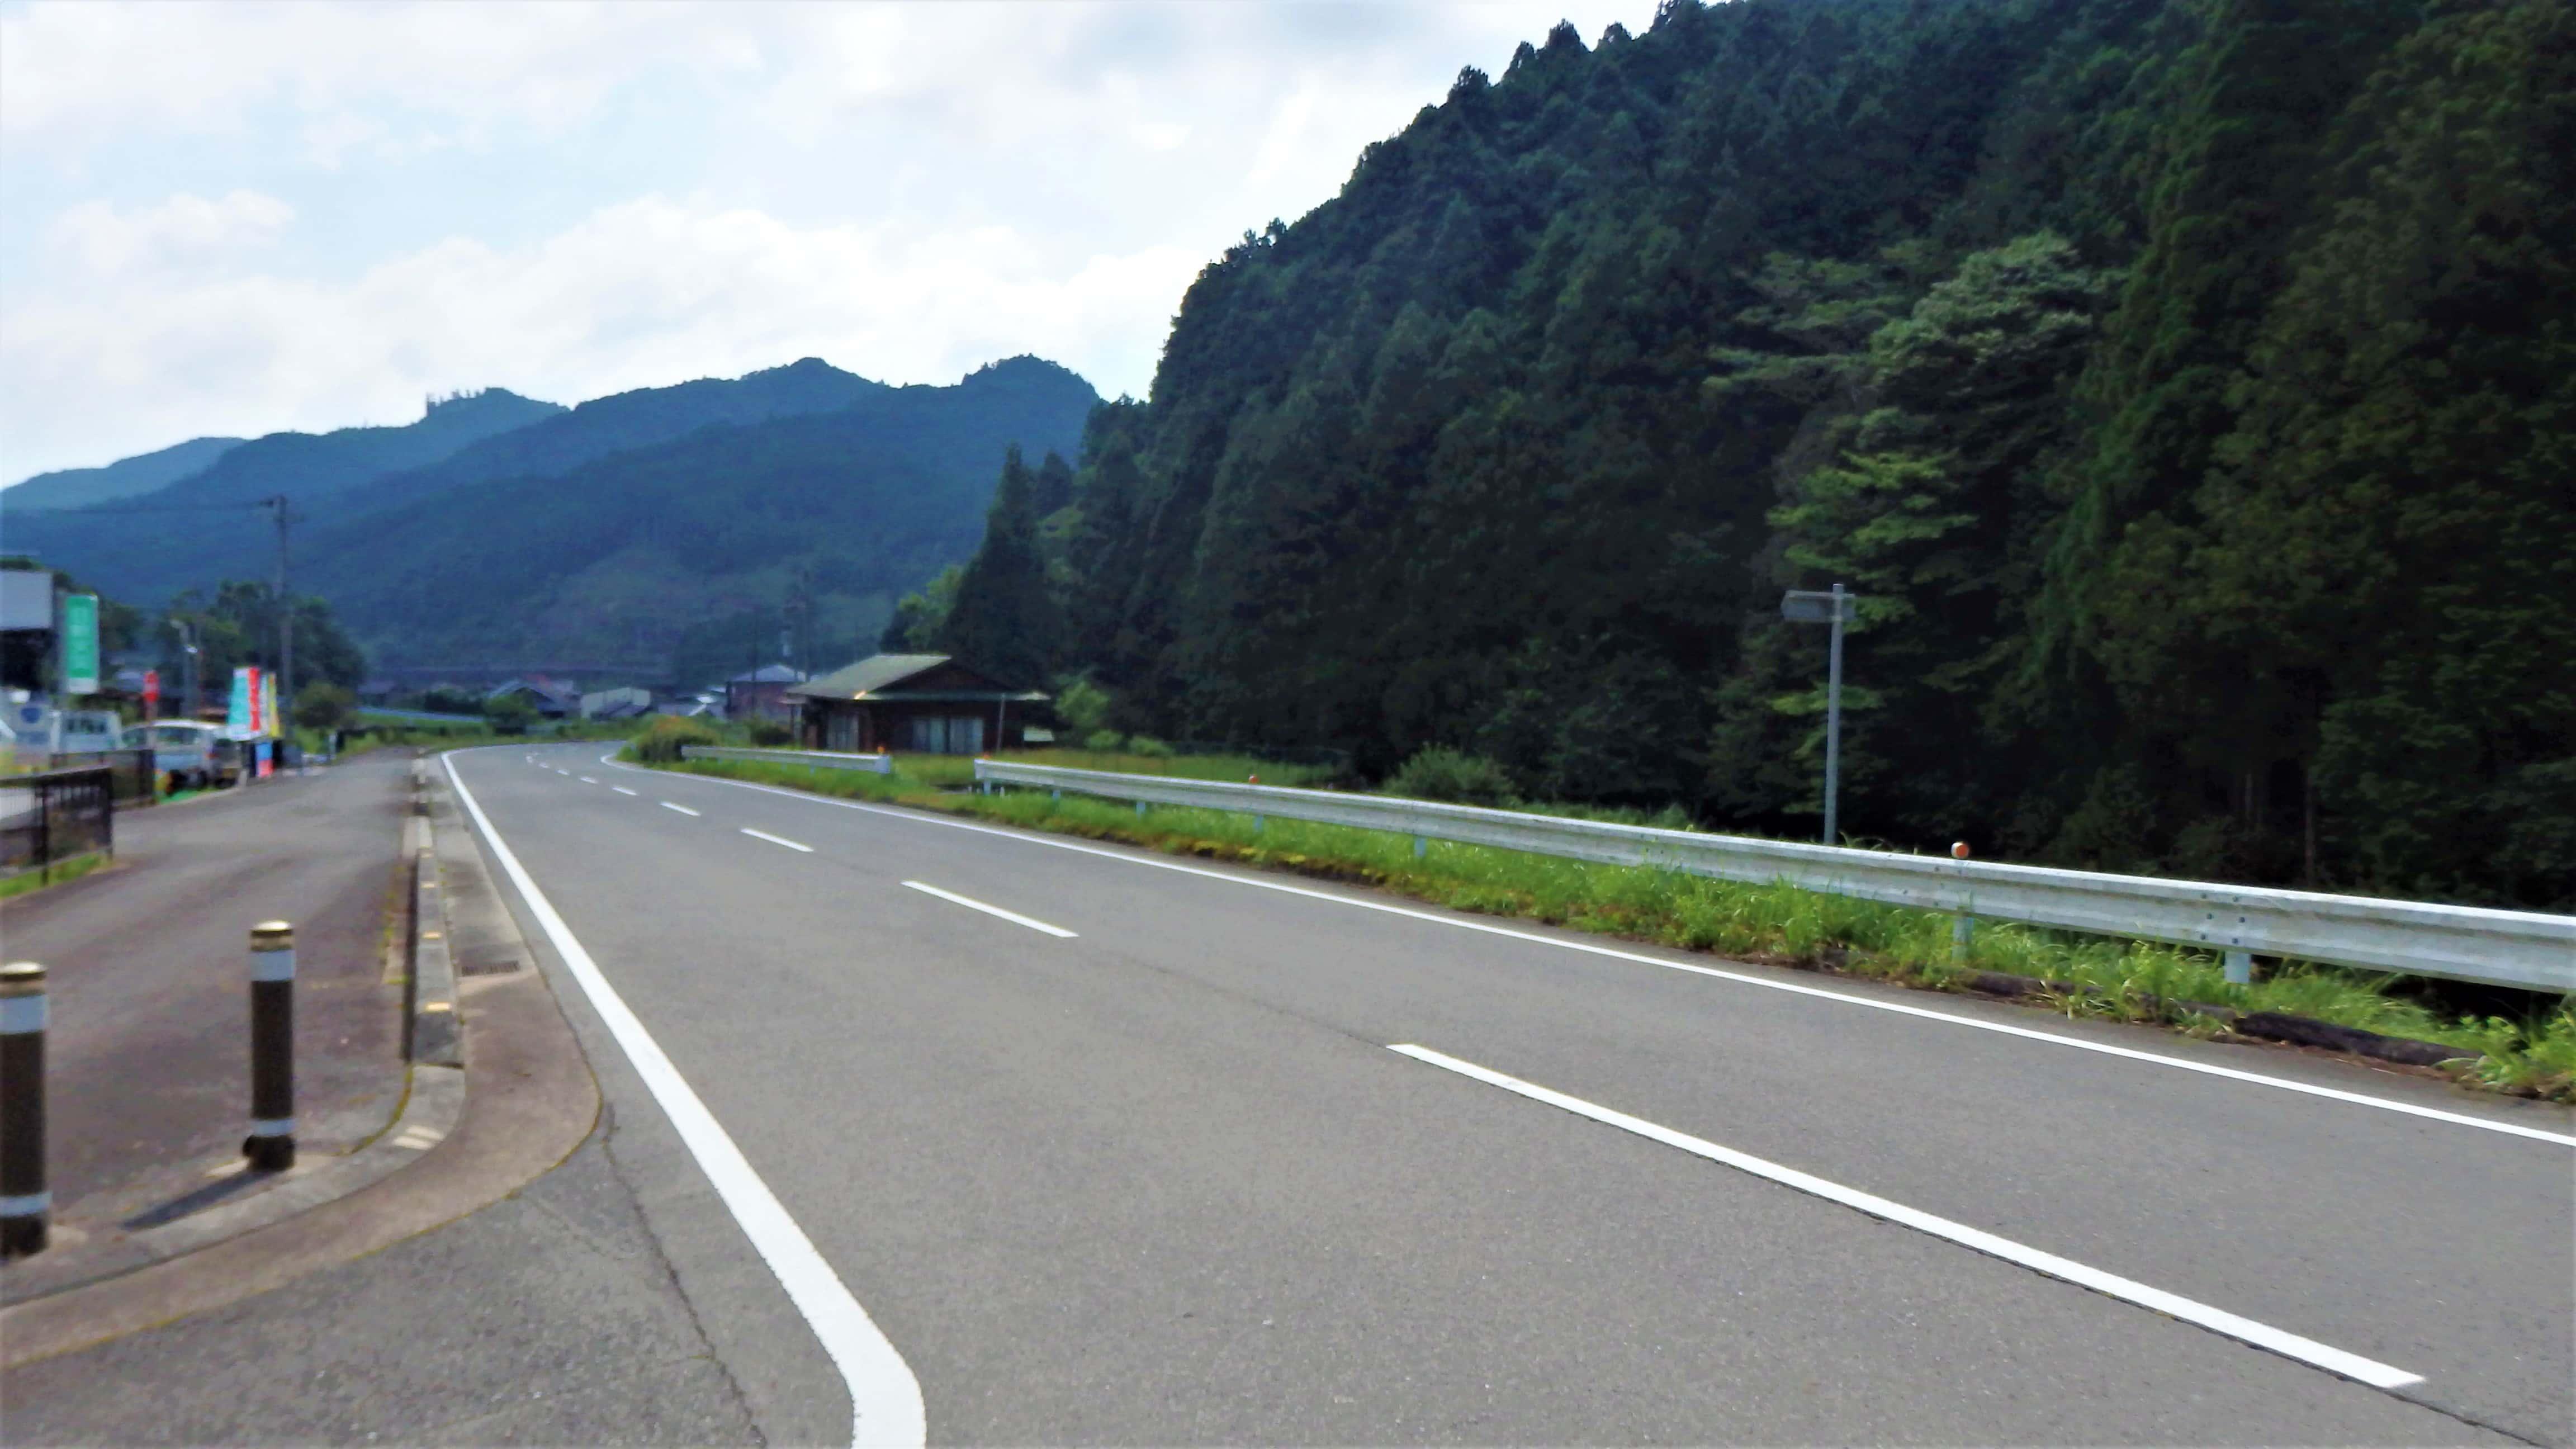 惚れ惚れするくらい道路がキレイな御杖村の写真